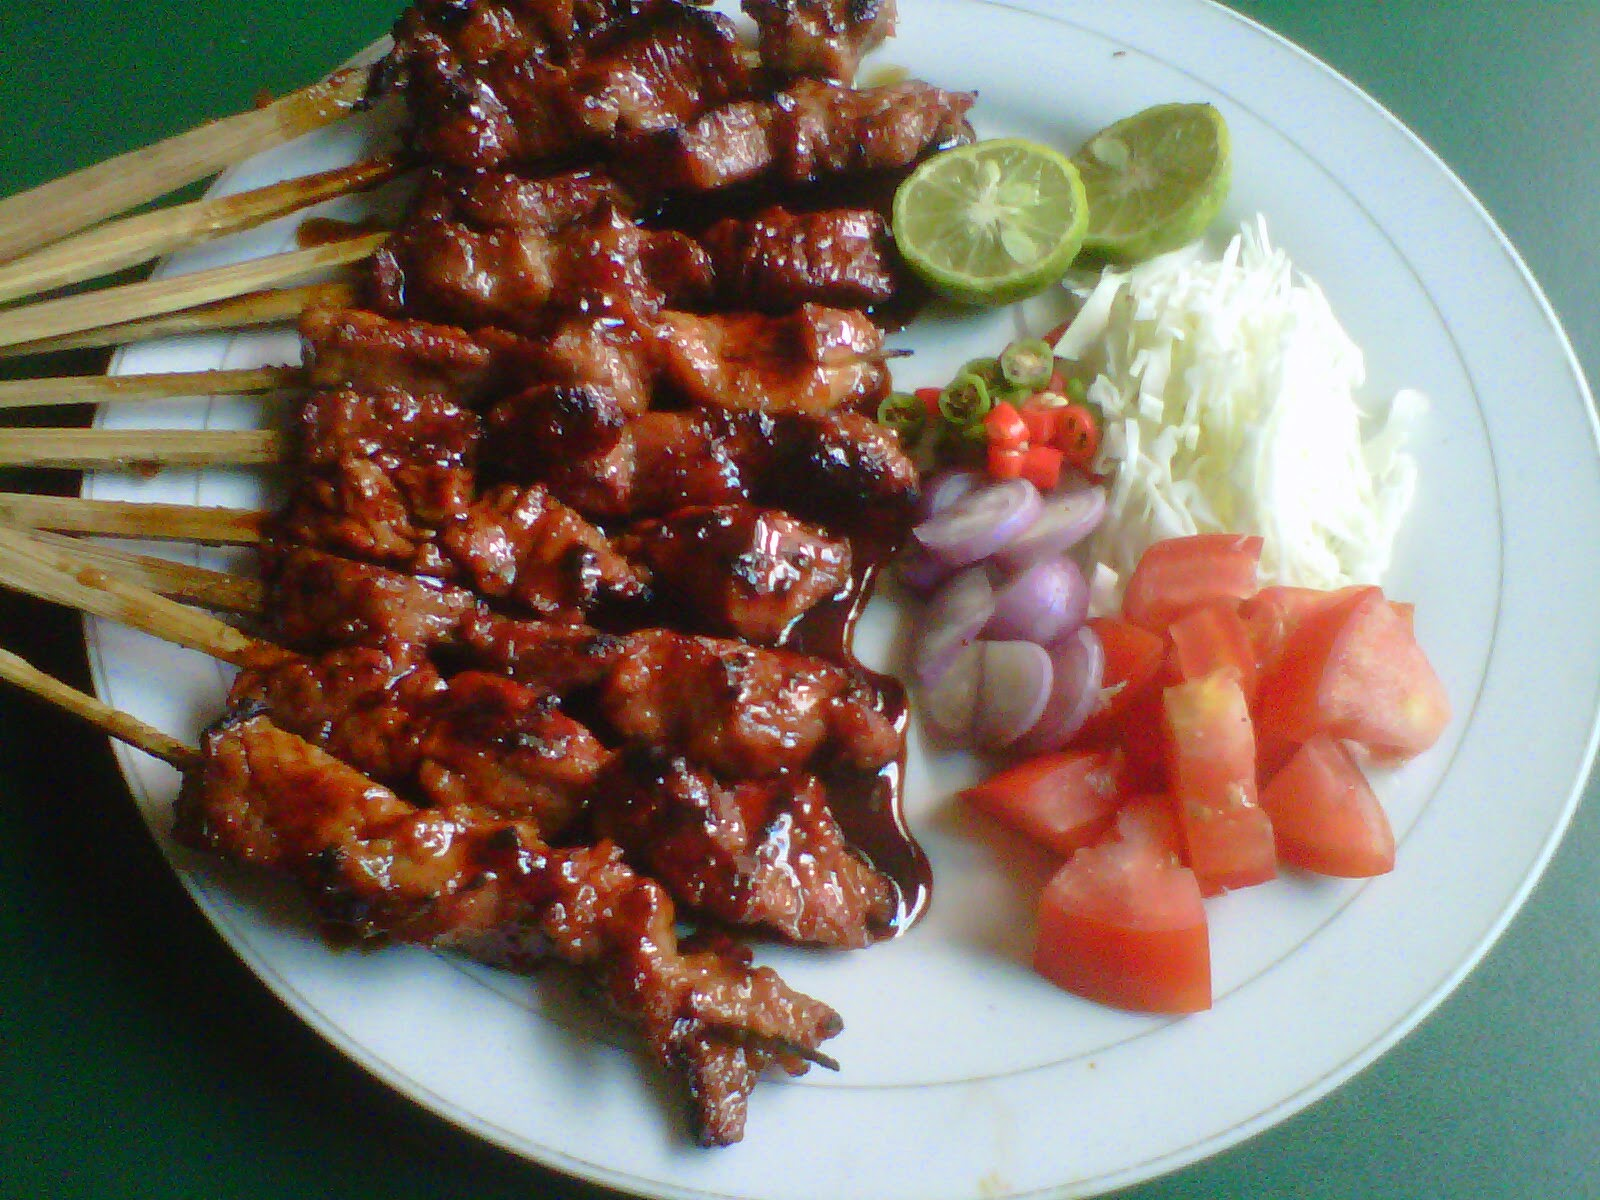 resep sate kambing